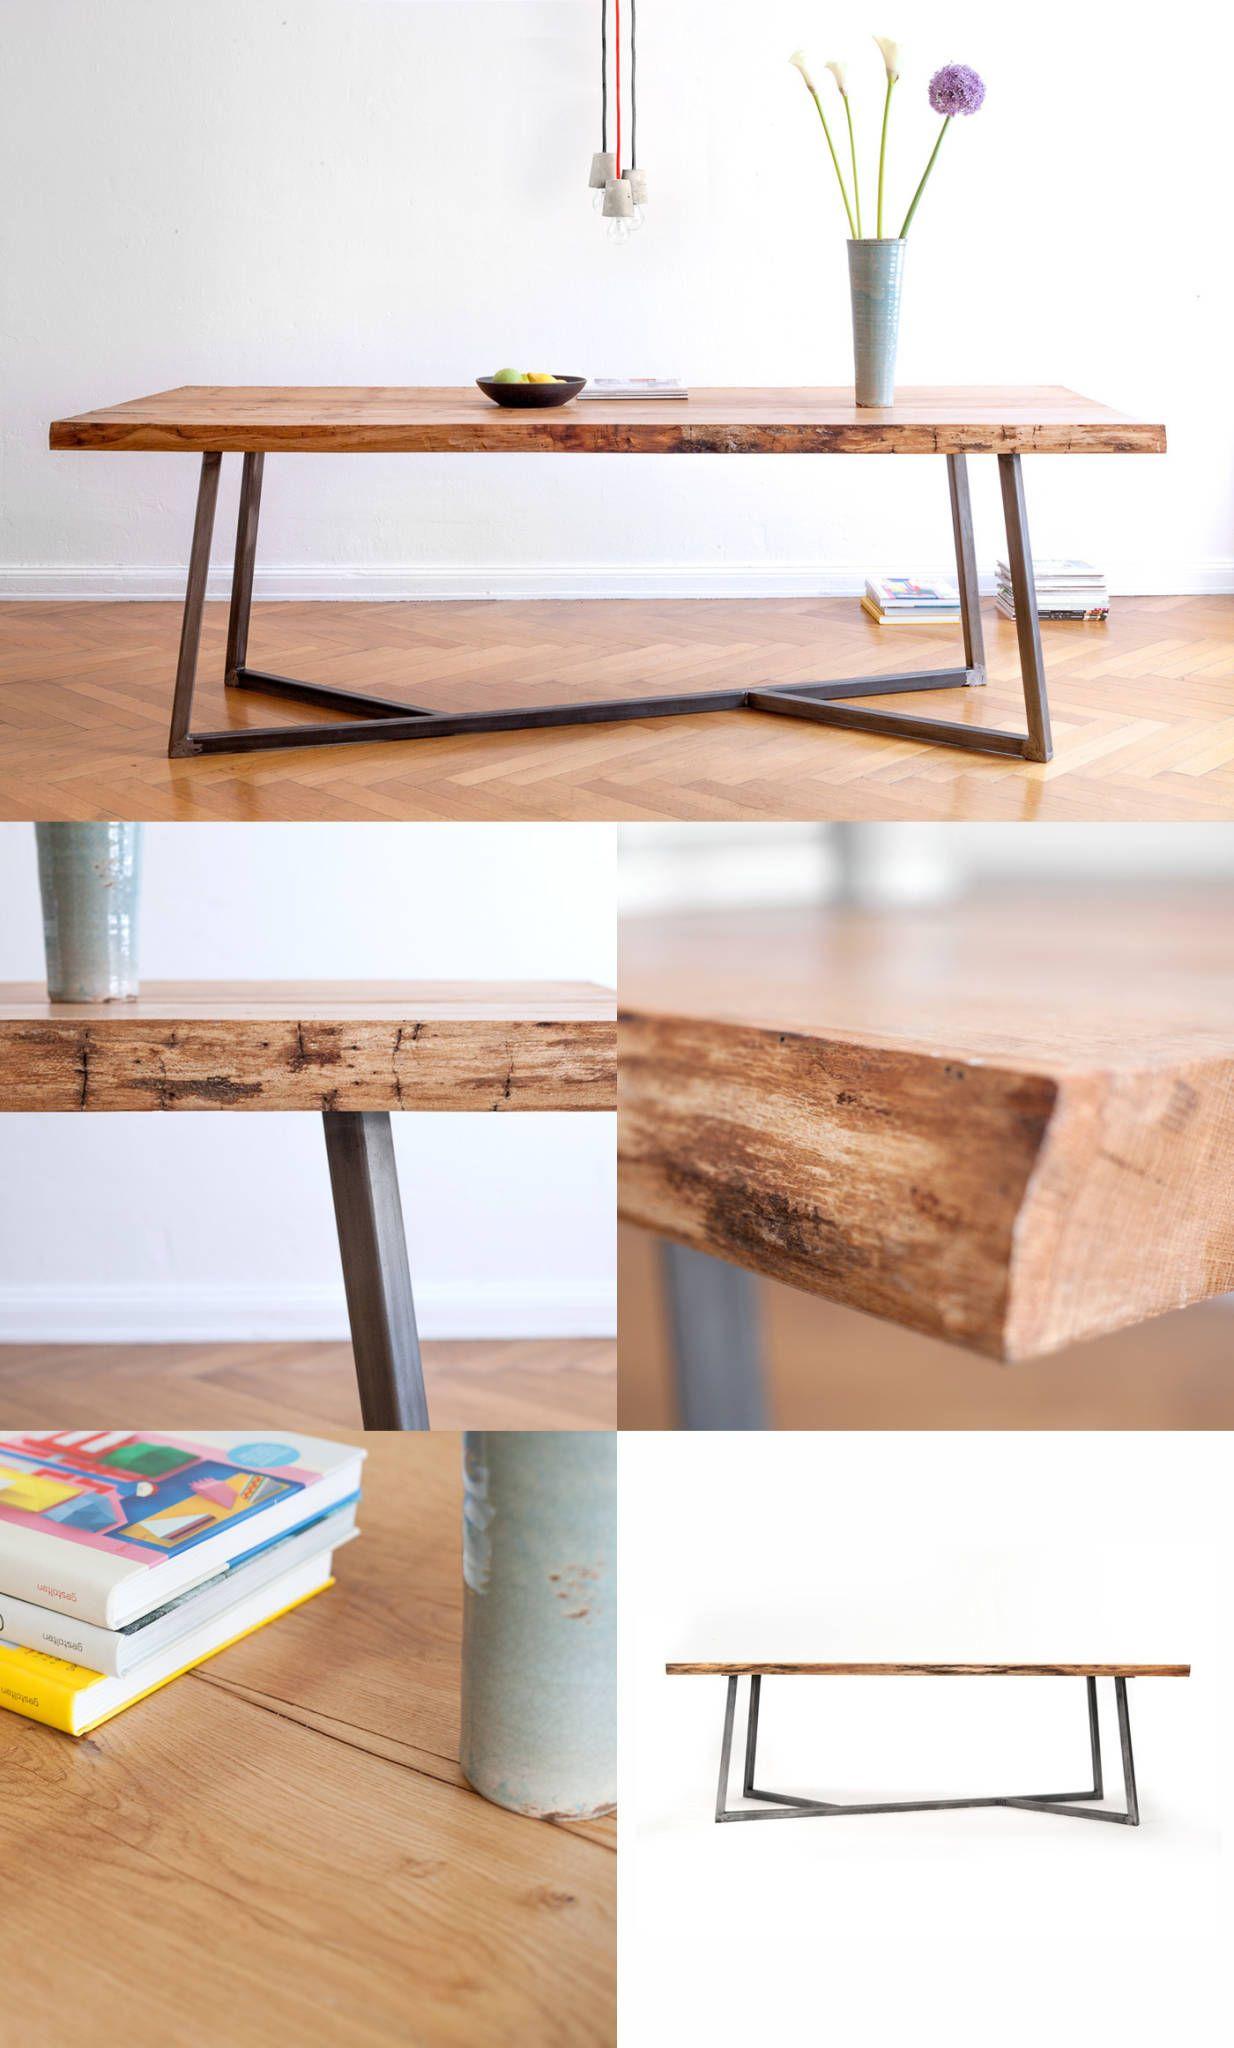 Industriale Esszimmer Bilder: NUTSANDWOODS Oak Steel Table